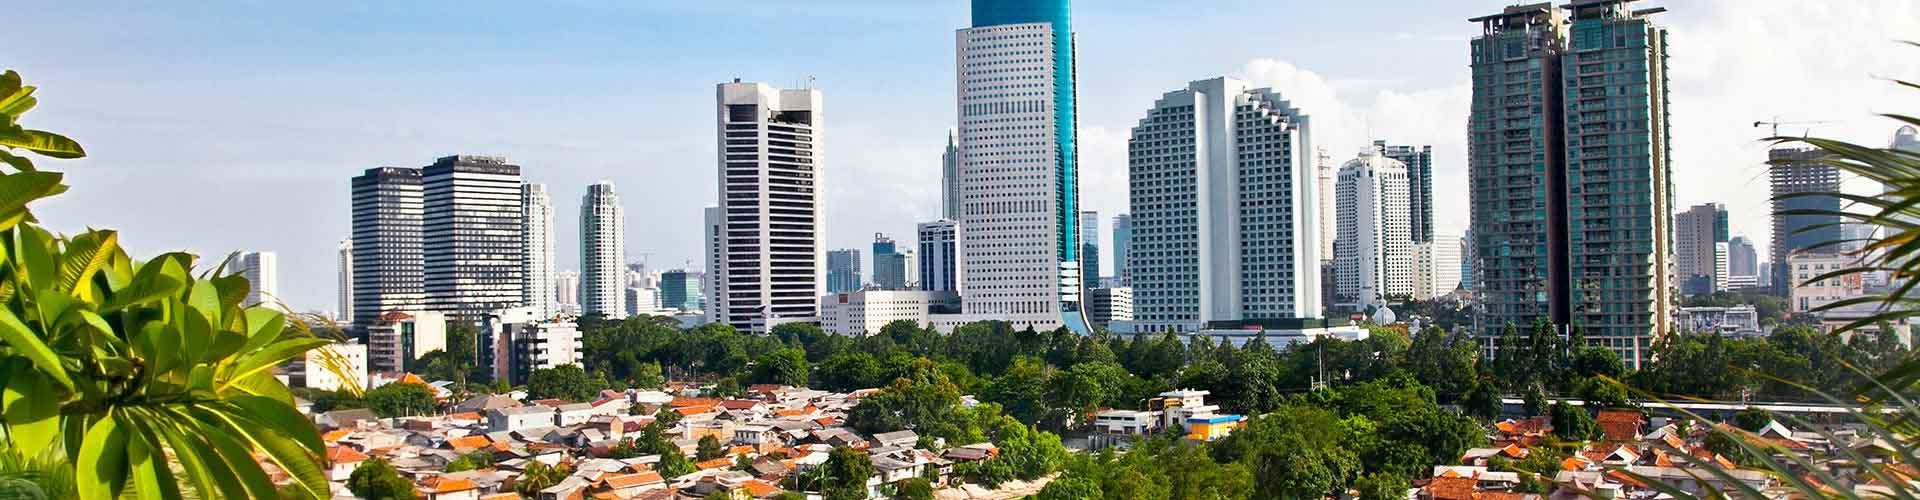 Jakarta - Ifjúsági Szállások Jakartaben. Jakarta térképek, fotók és ajánlások minden egyes ifjúsági szállásokra Jakarta-ben.